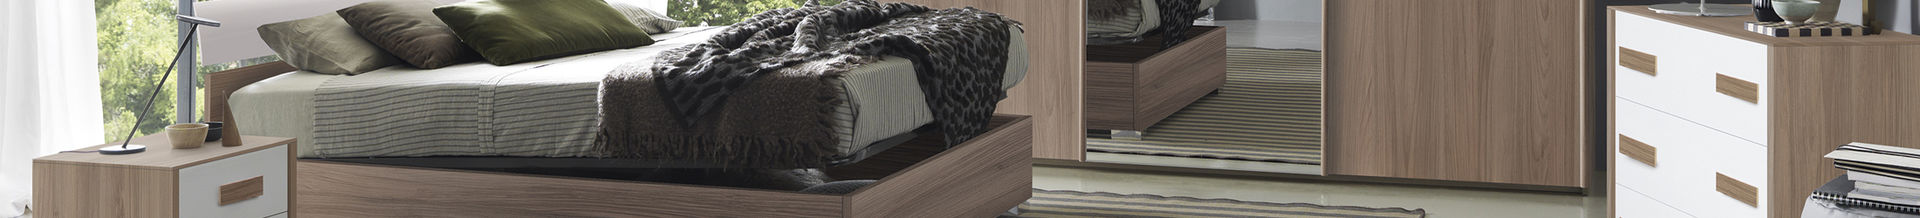 Camera da letto offerte e prezzi bassi camera da letto - Camera da letto offerte ...